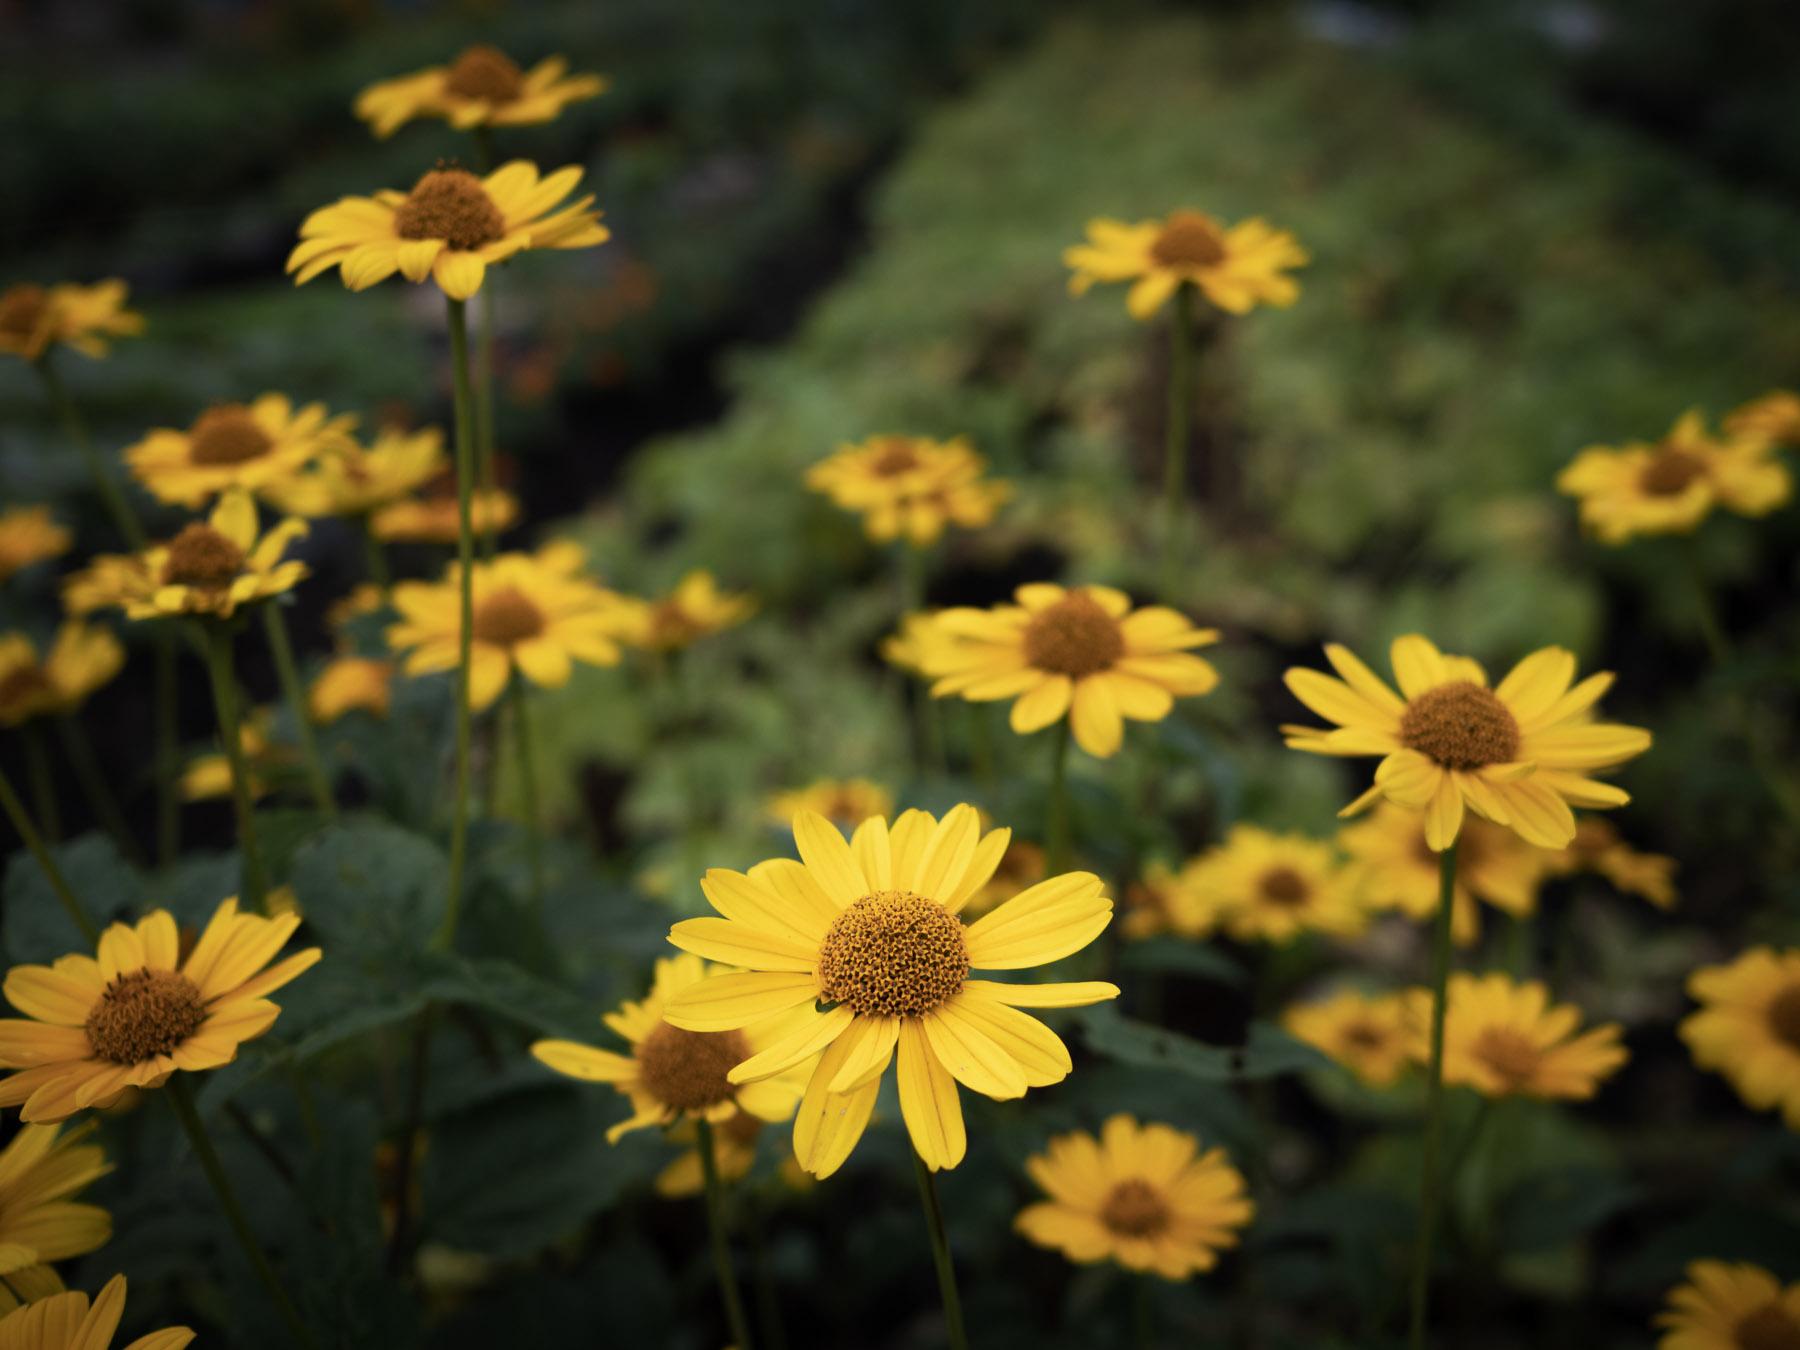 名を知らぬ黄色い花たち